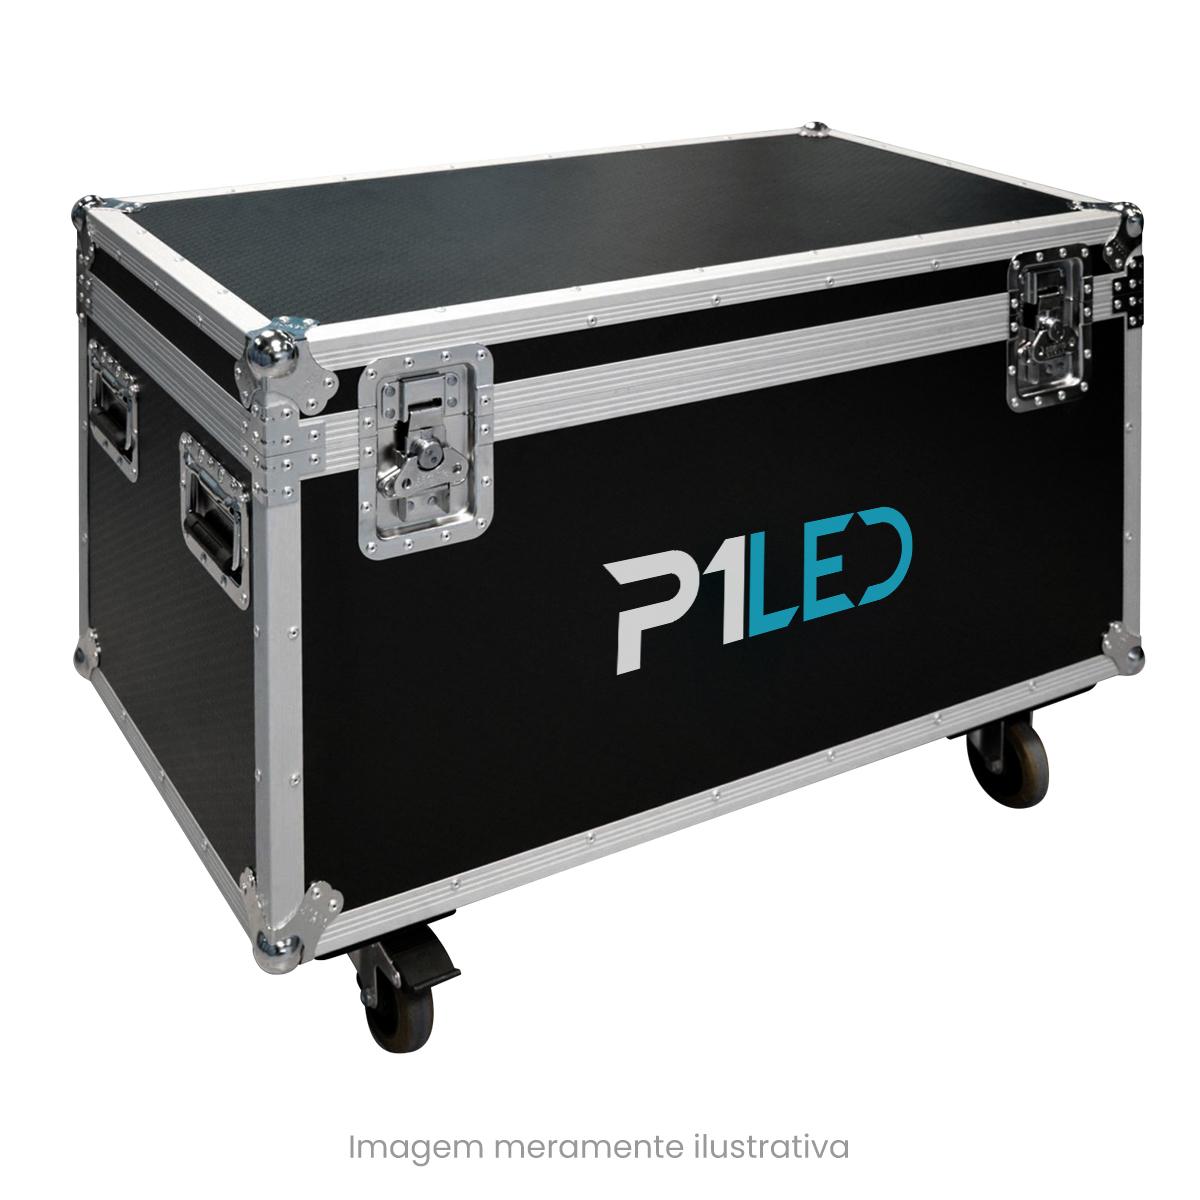 Painel de LED para Construtoras 2x2 - Telão P3 Outdoor  - Painel e Telão de LED - O Melhor Preço em Painel de LED | P1LED